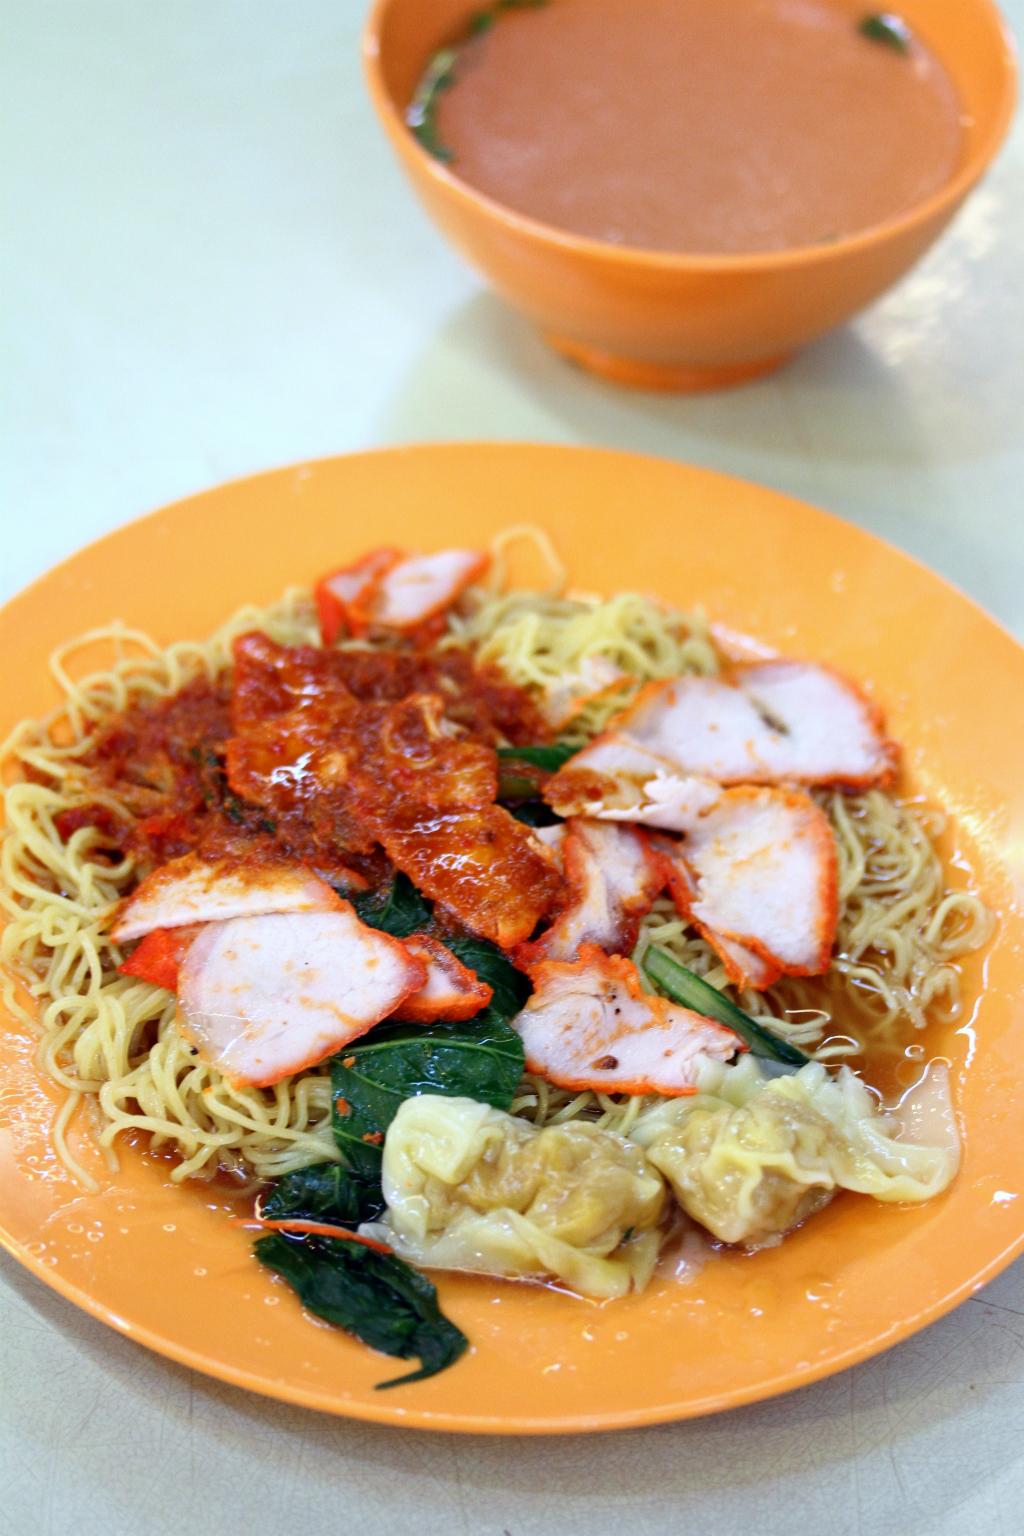 Guide to Jalan Besar & Lavender: Kok Kee Wanton Mee